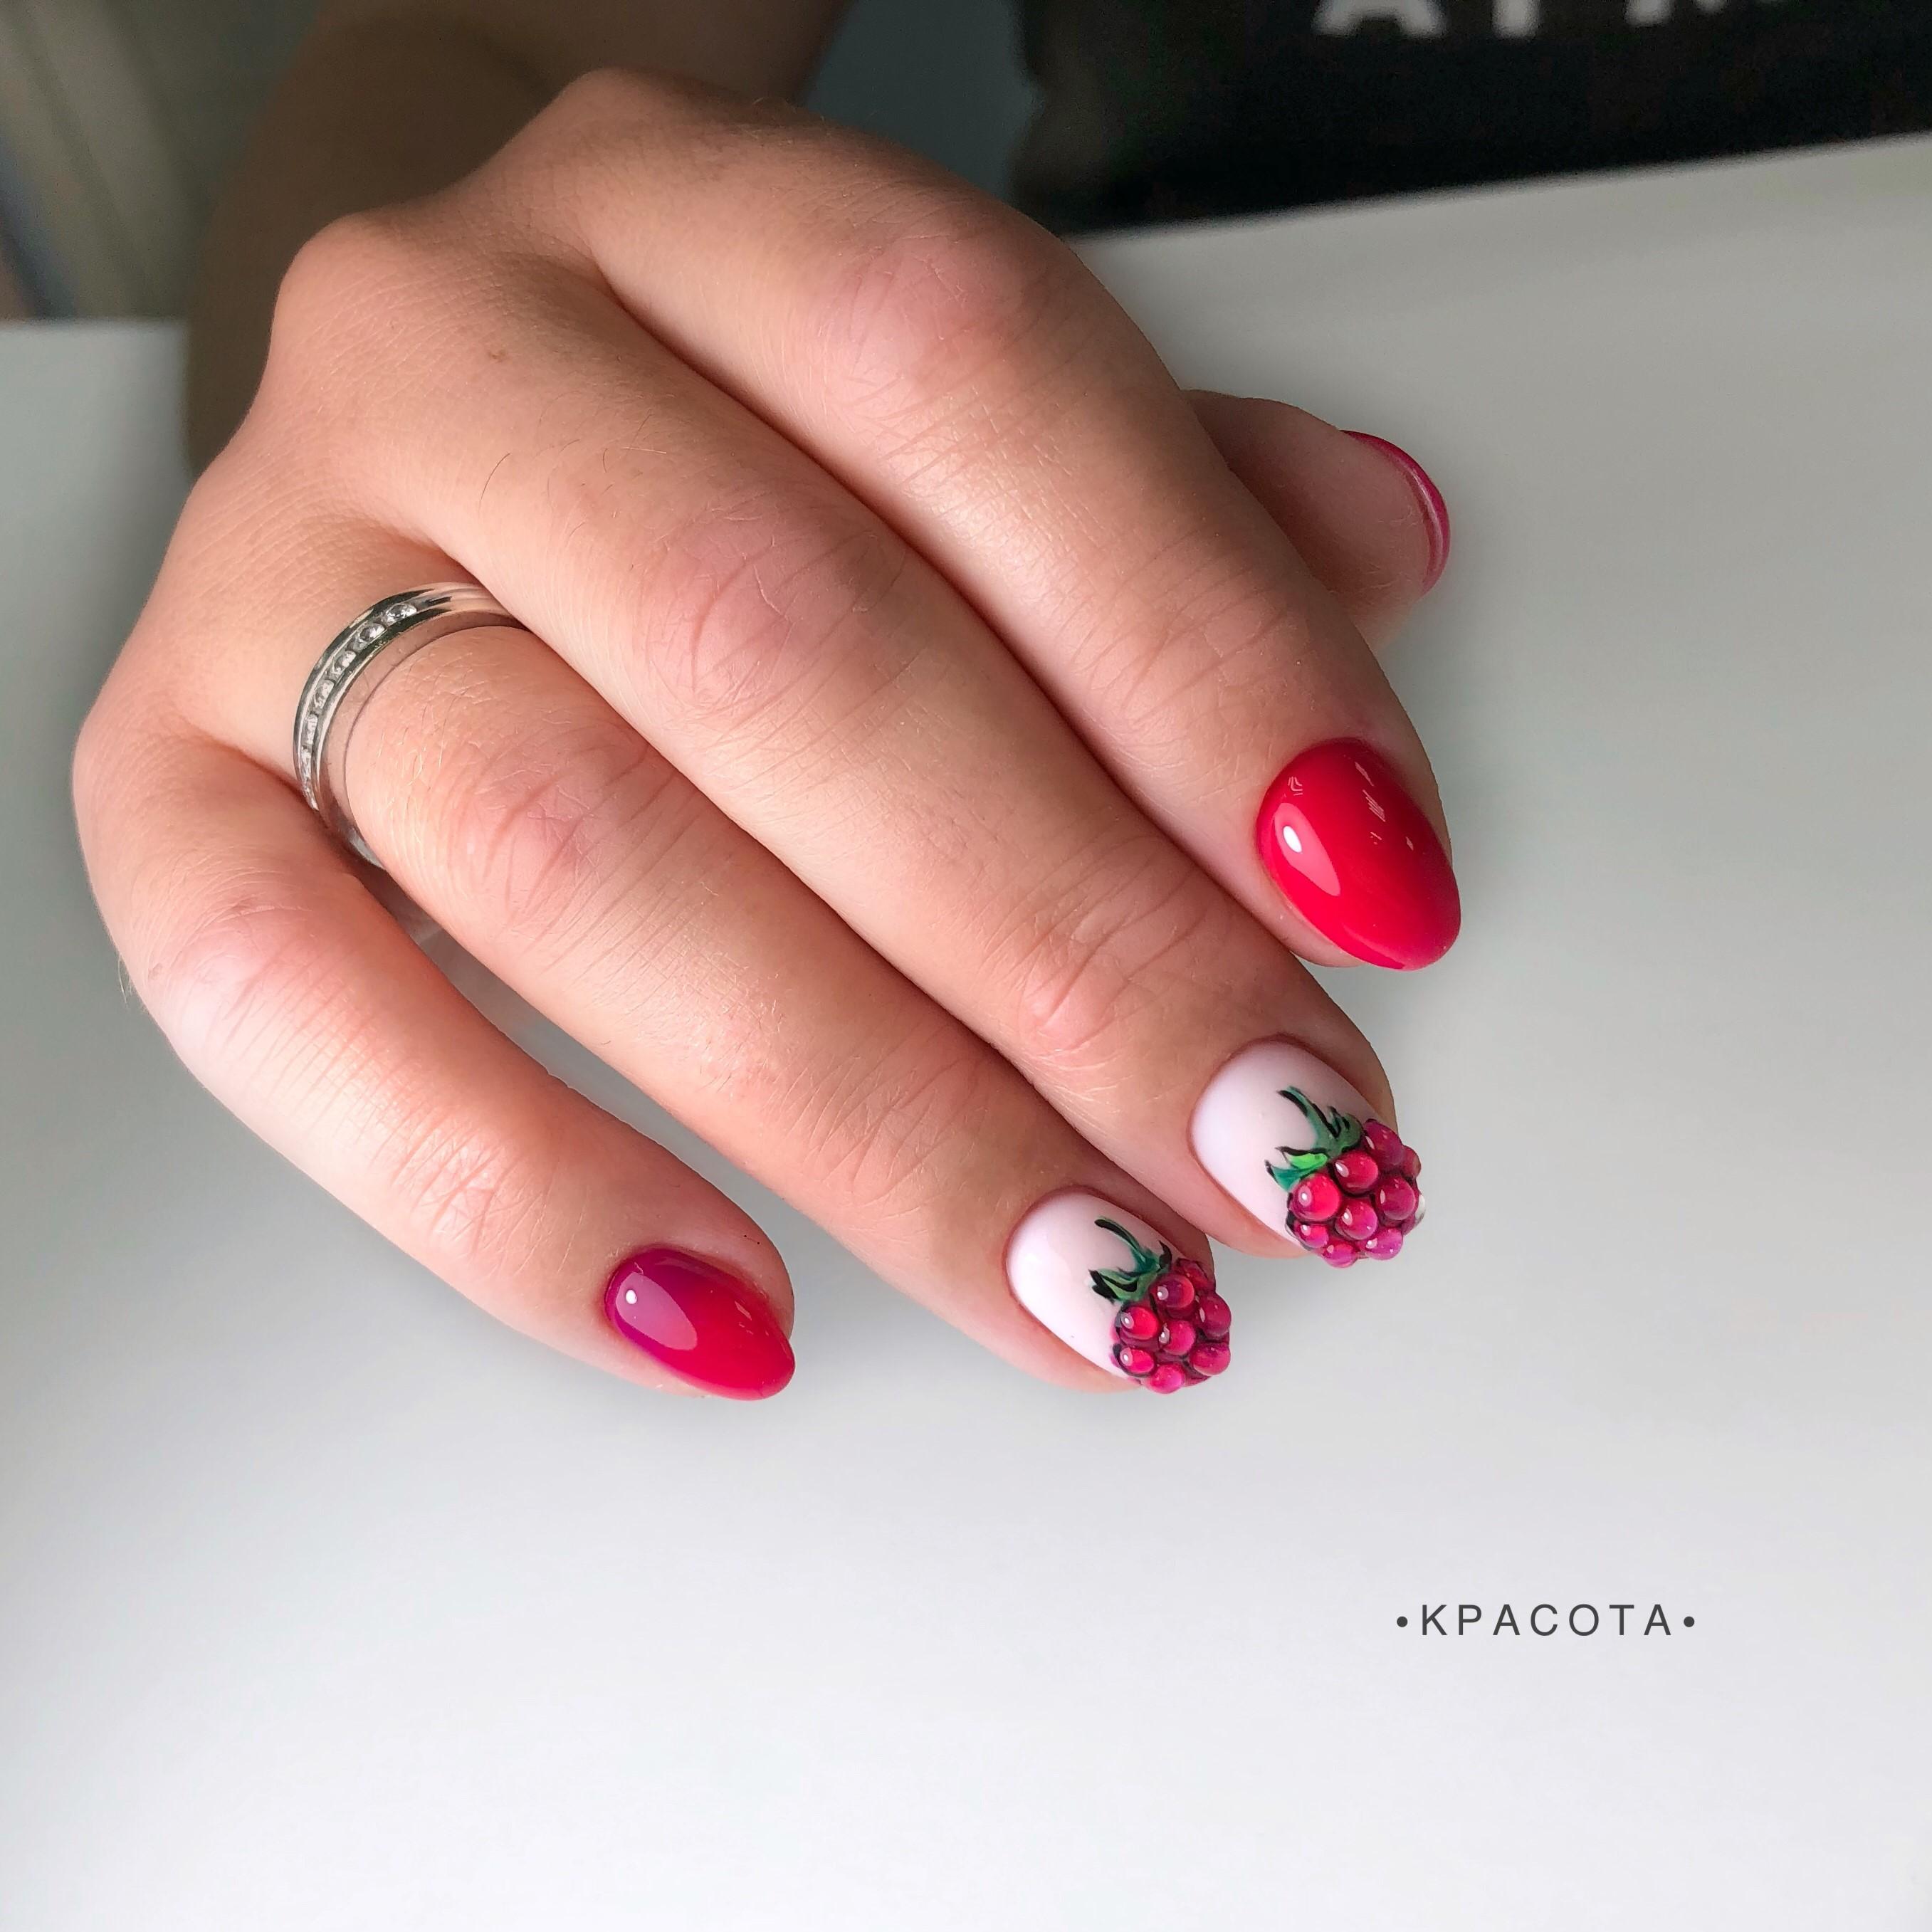 Маникюр с малиной в цвете фуксия на короткие ногти.